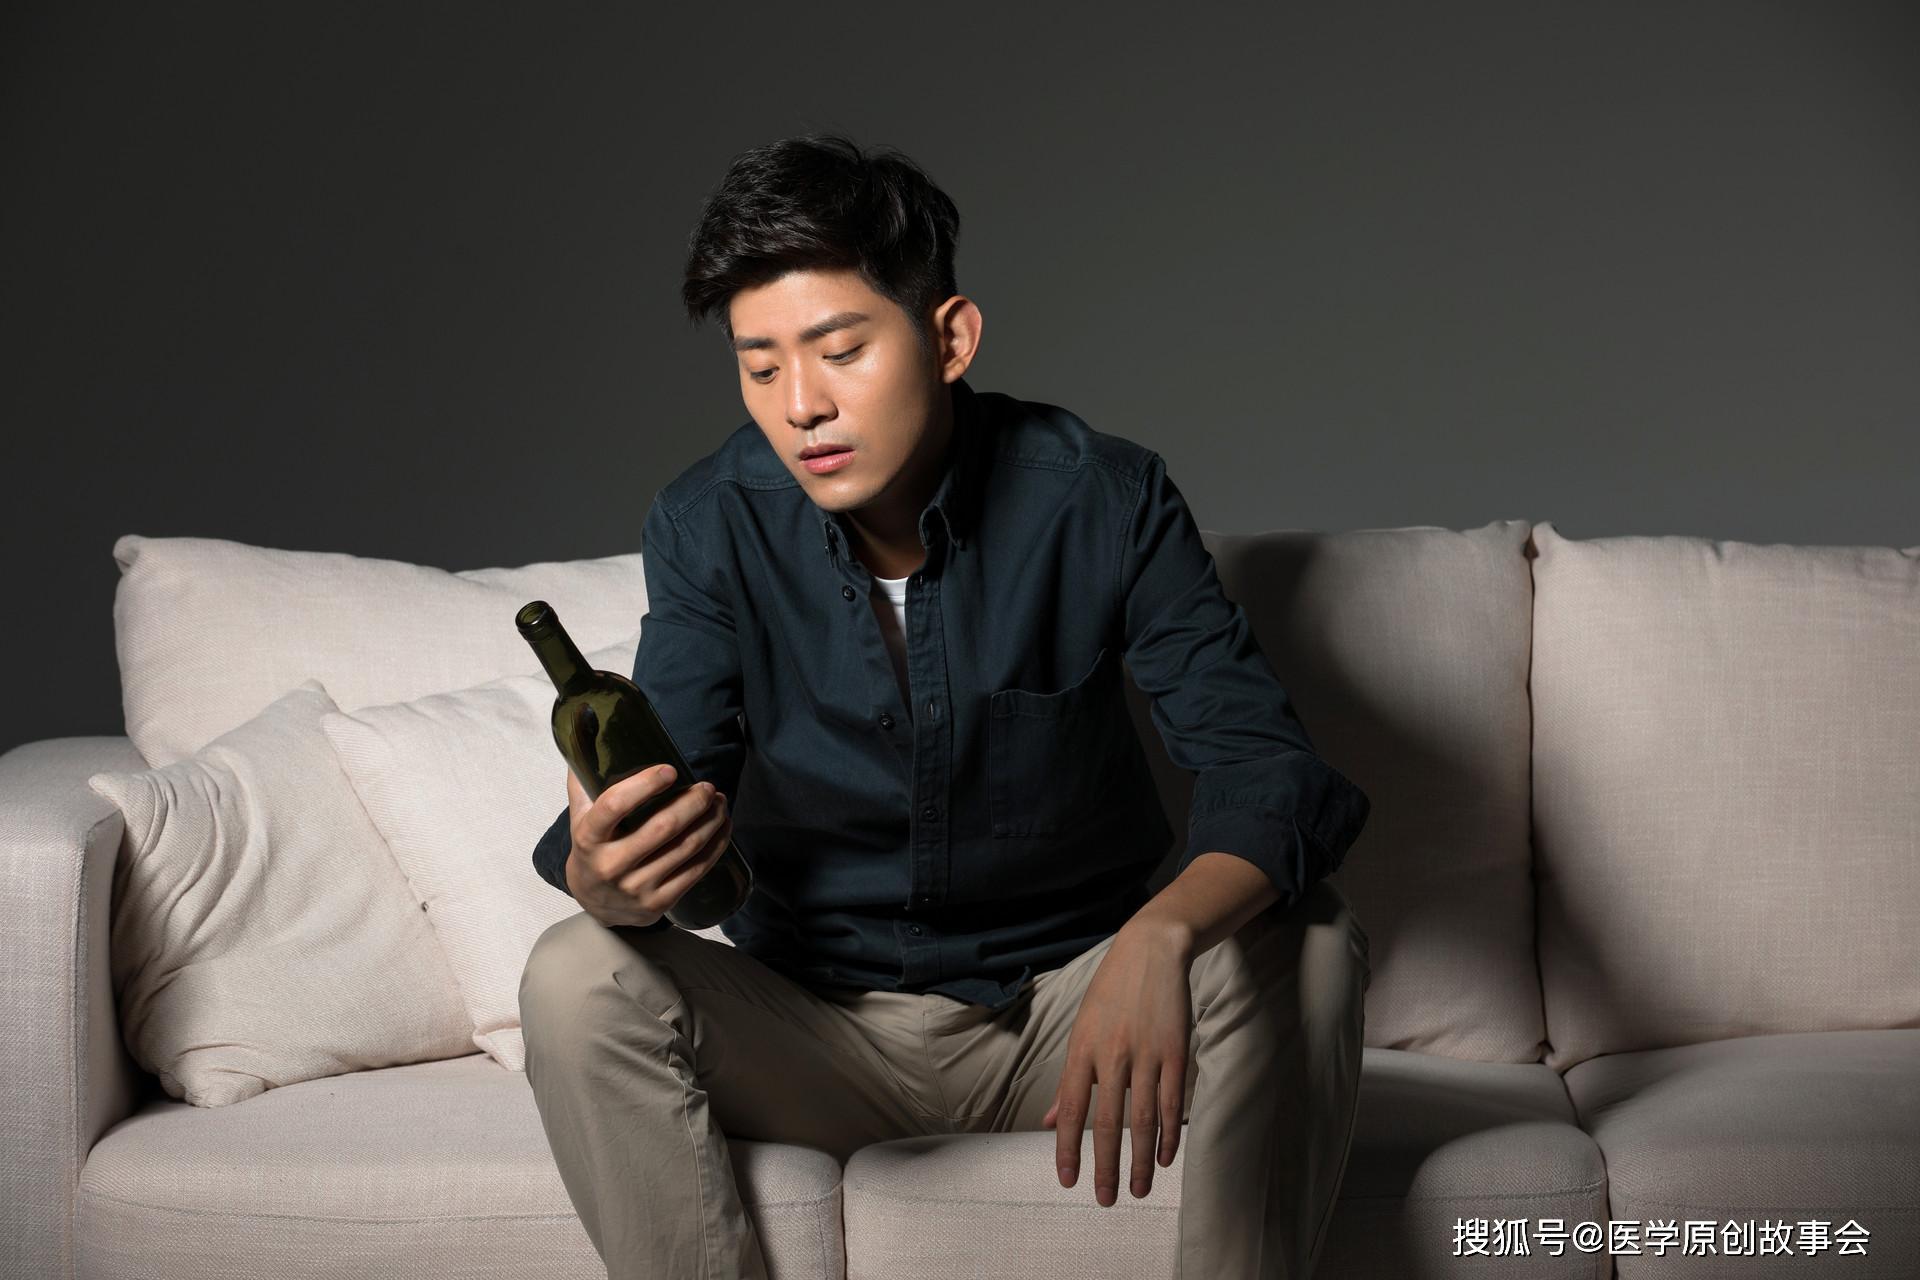 原创喝酒,到底是养生还是伤身?世界权威医学证实,滴酒不沾更易长寿